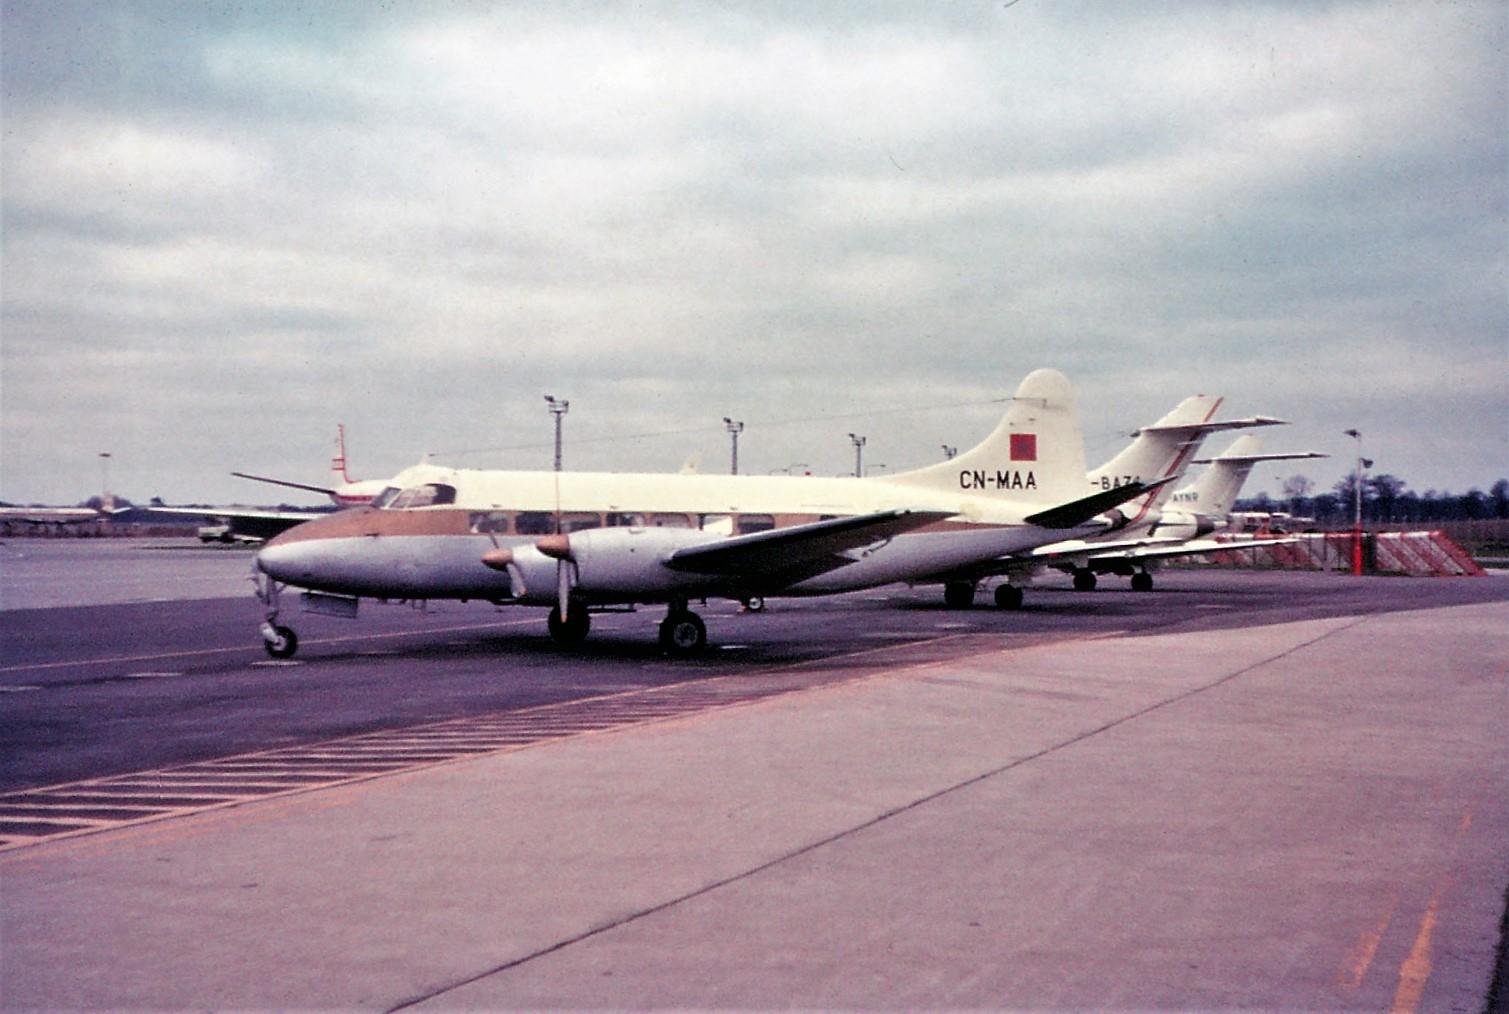 FRA: Photos anciens avions des FRA - Page 10 44198327574_dbced8810b_o